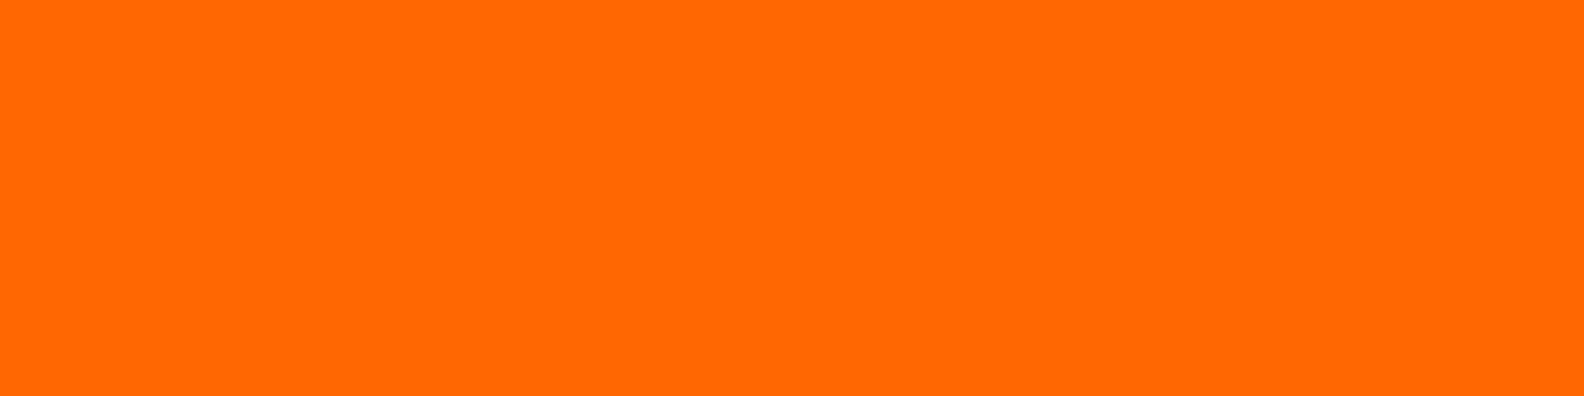 1584x396 Safety Orange Blaze Orange Solid Color Background